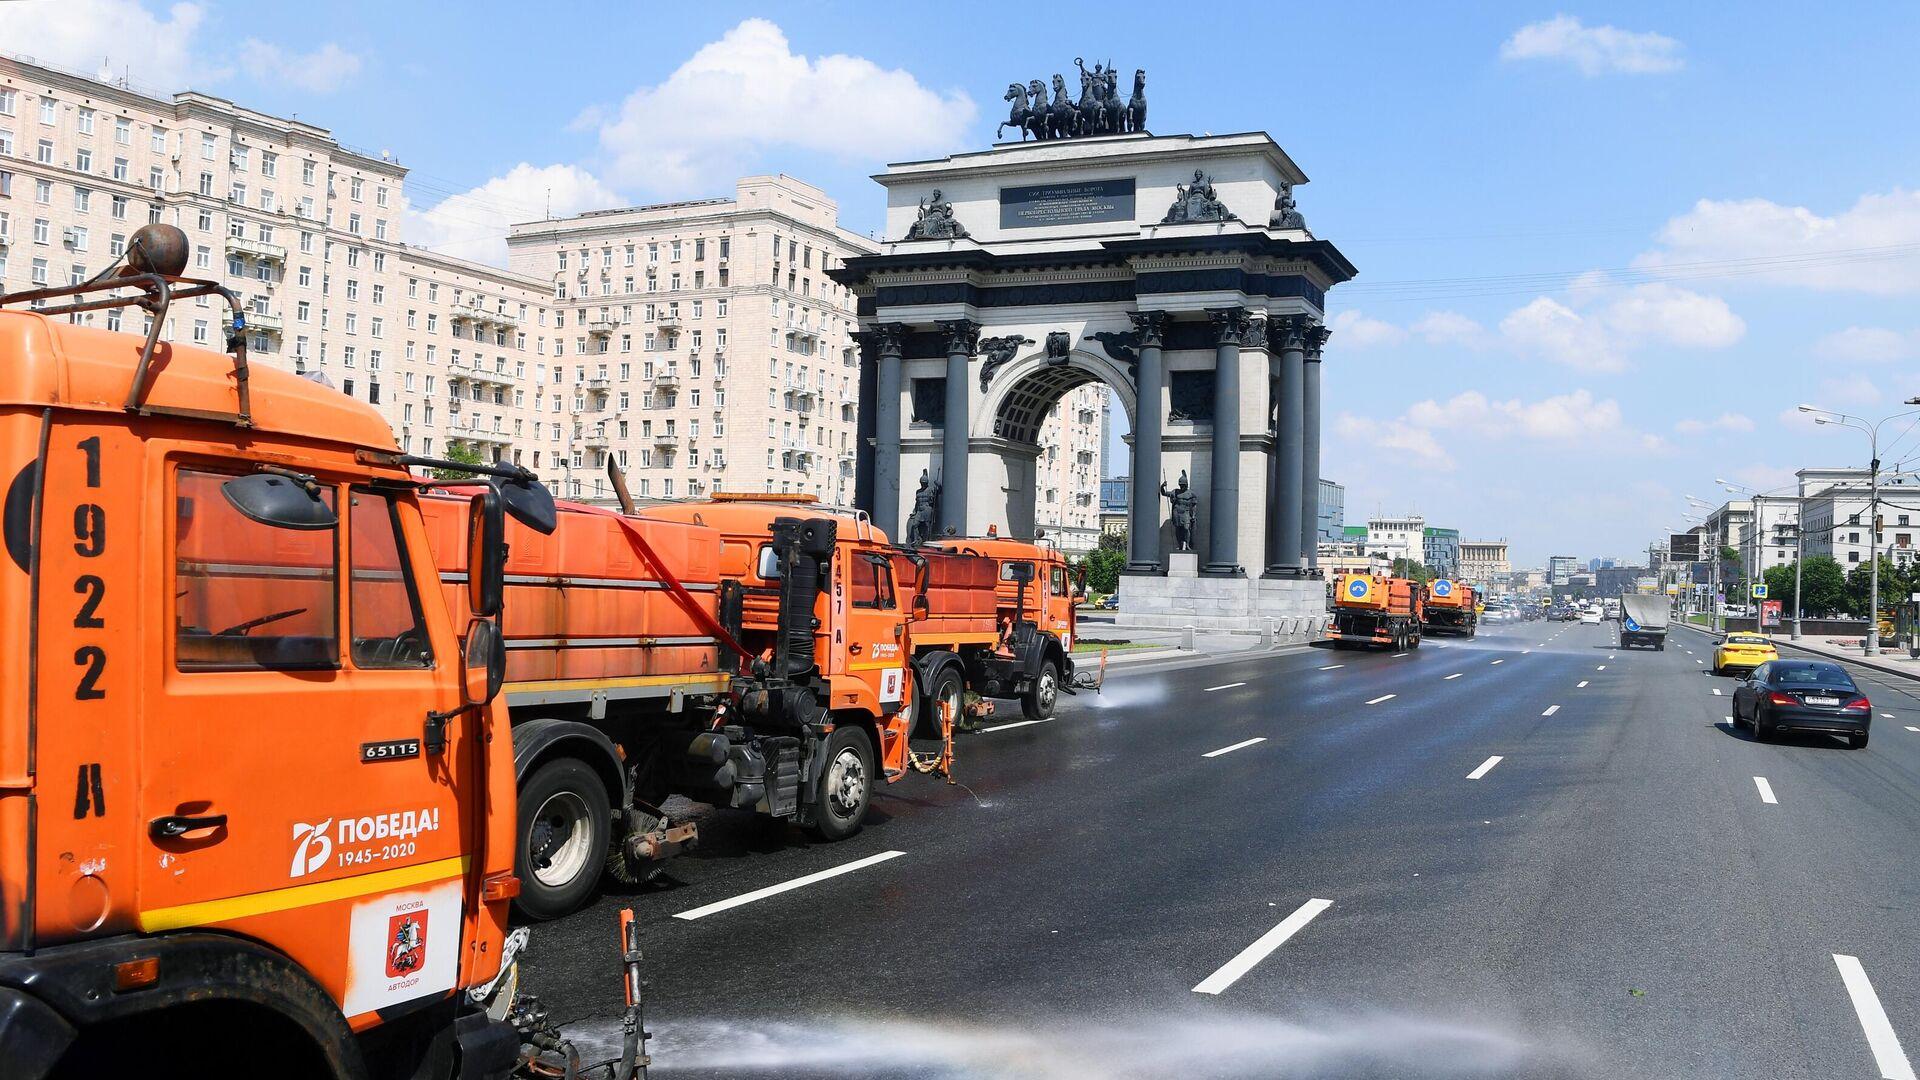 Аэрация дорог в Москве - РИА Новости, 1920, 22.06.2021